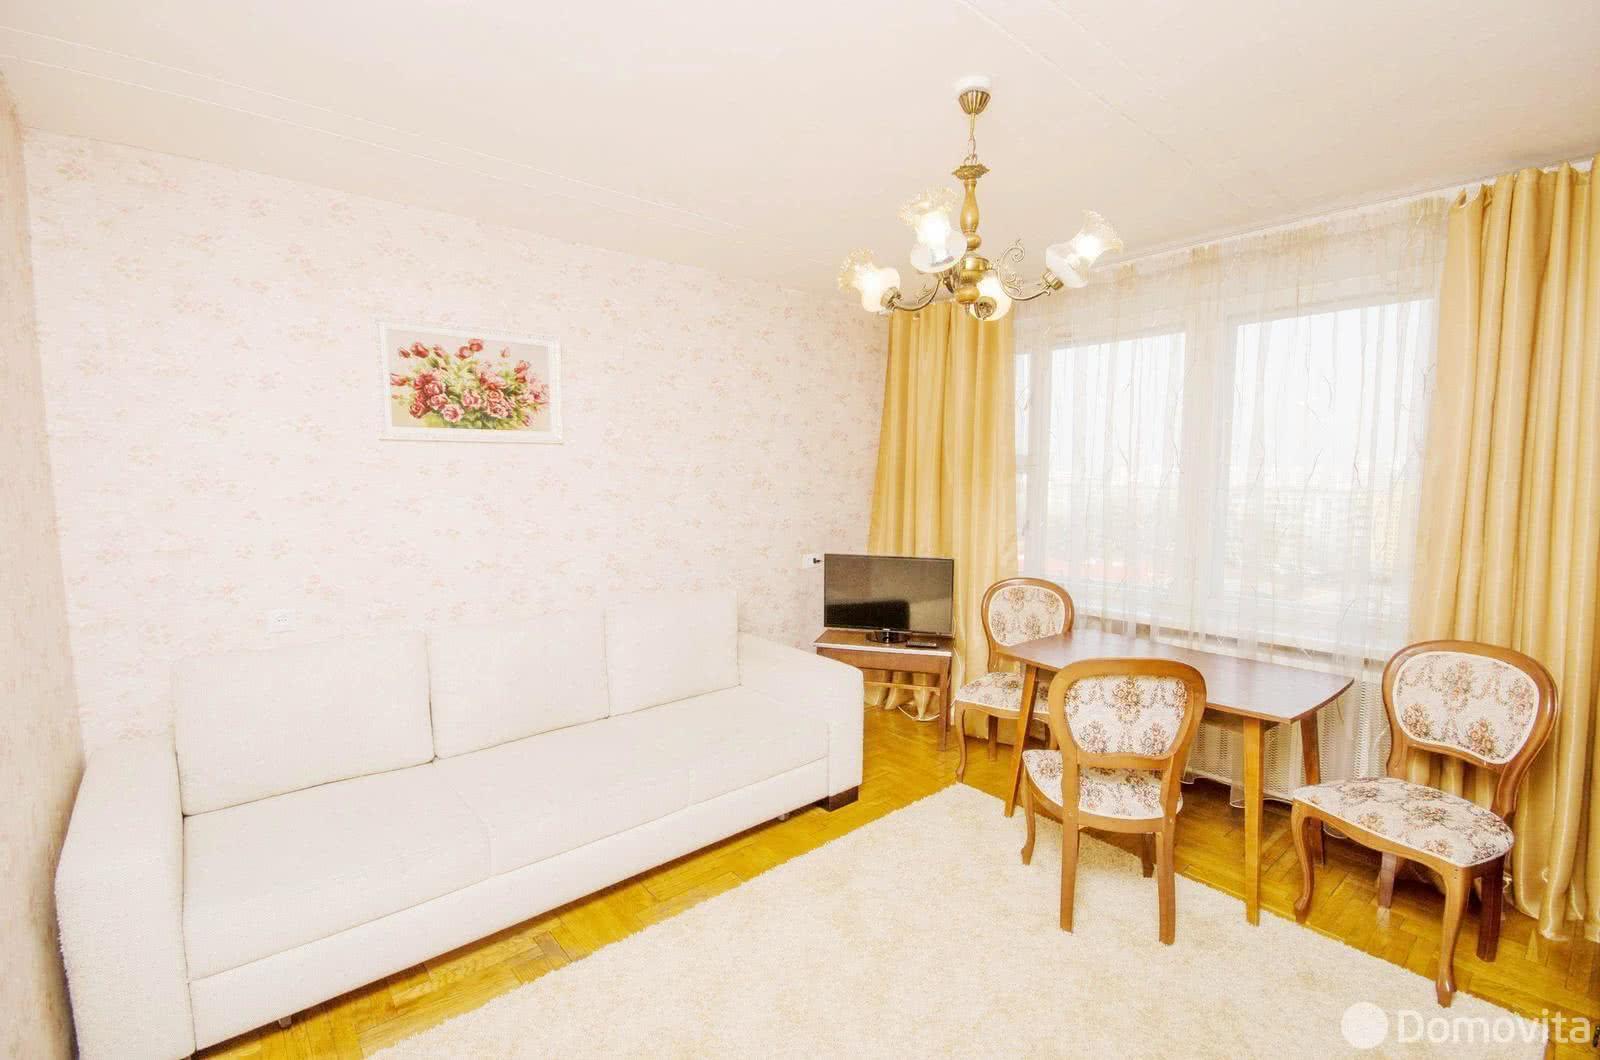 2-комнатная квартира на сутки в Минске ул. Немига, д. 10 - фото 1